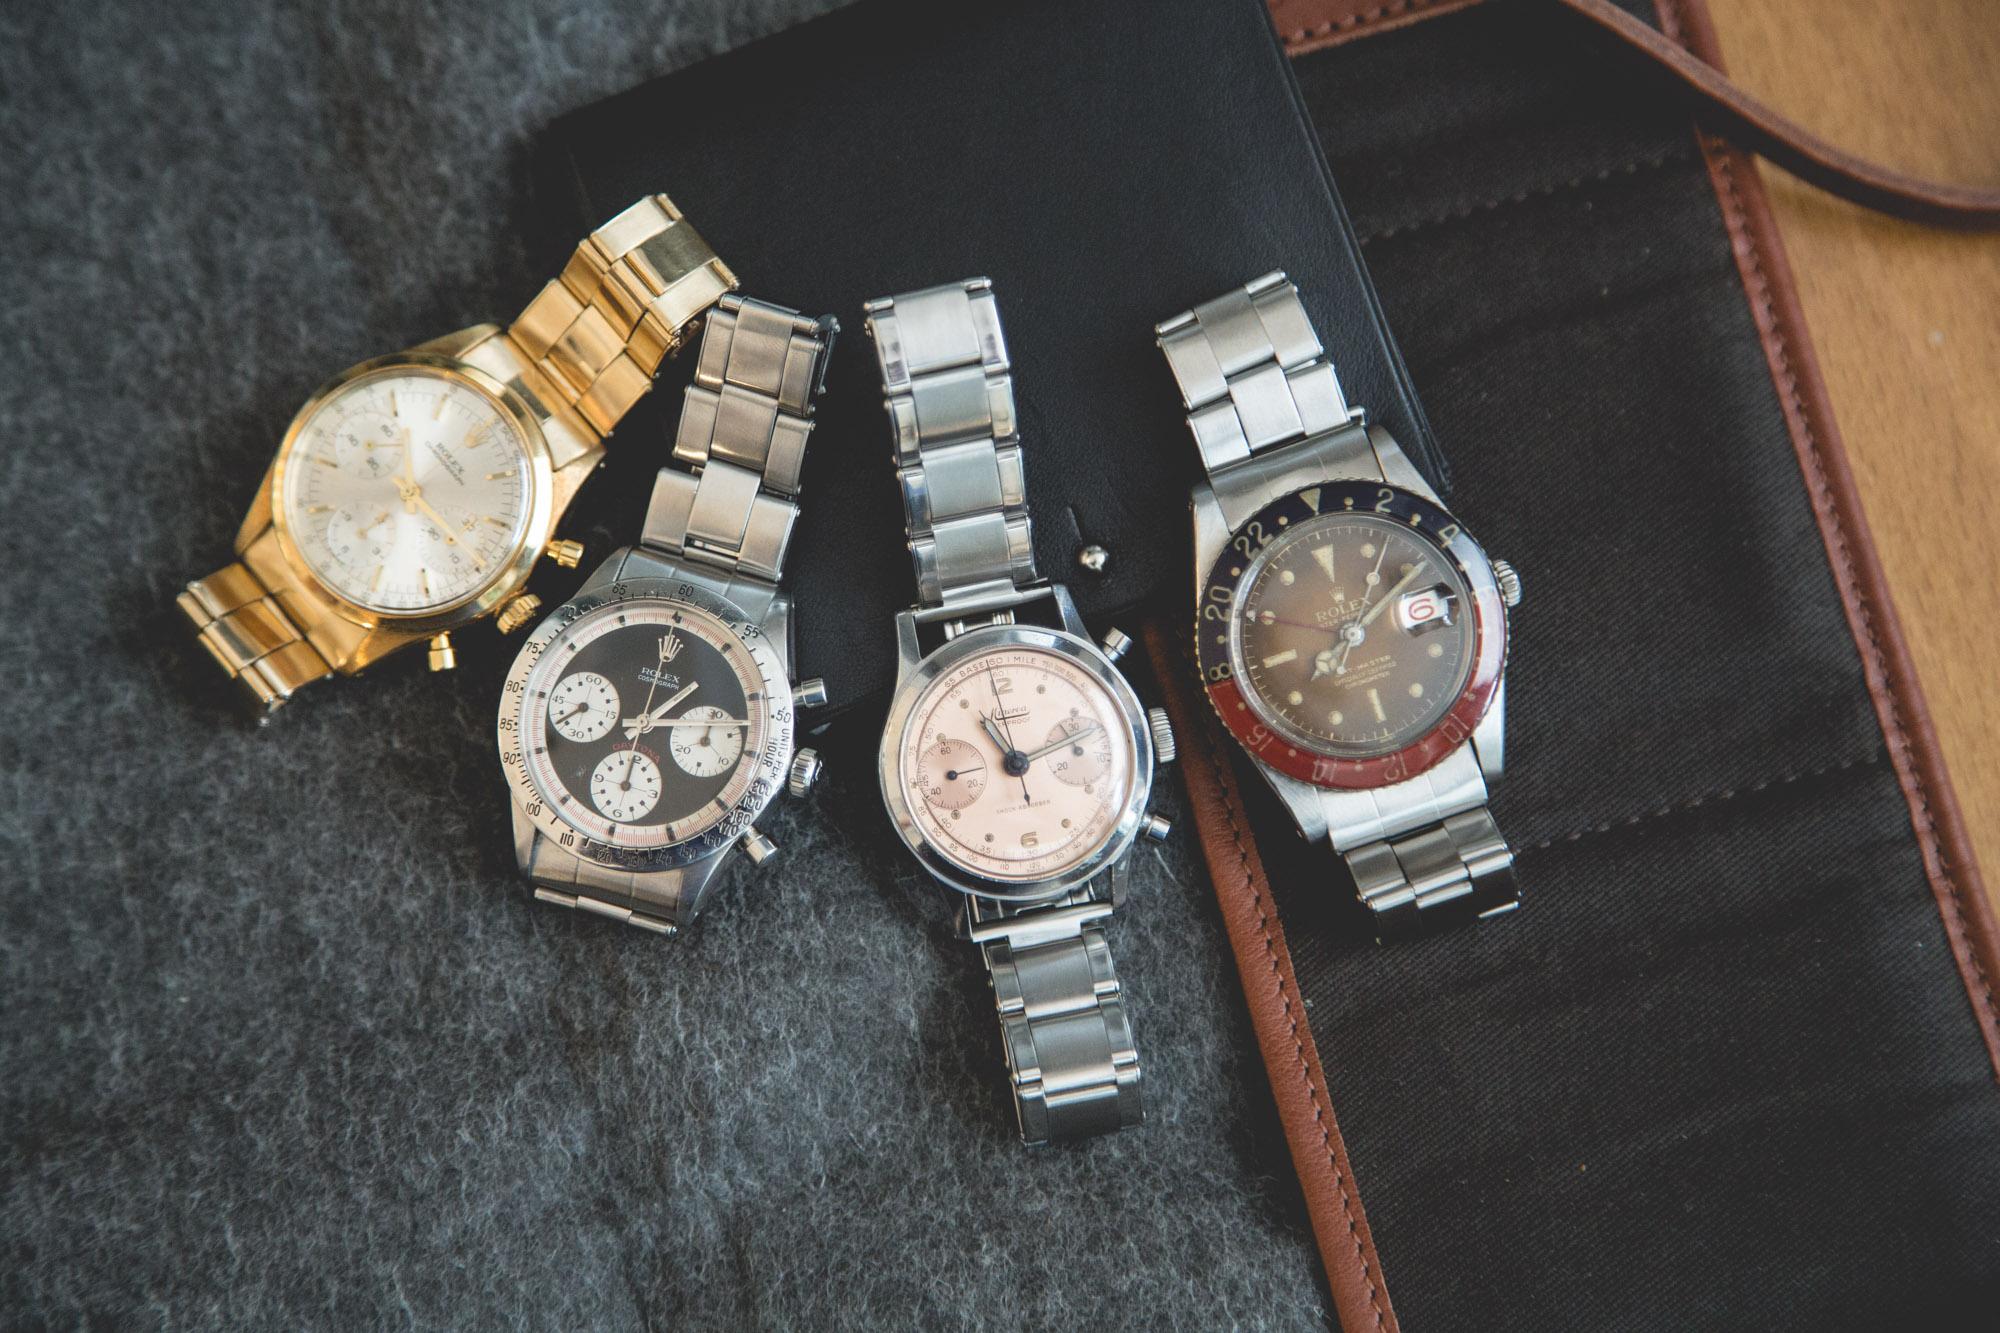 Vente Antiquorum Juillet 2017 - Important modern & Vintage Timepieces - Classic Cars